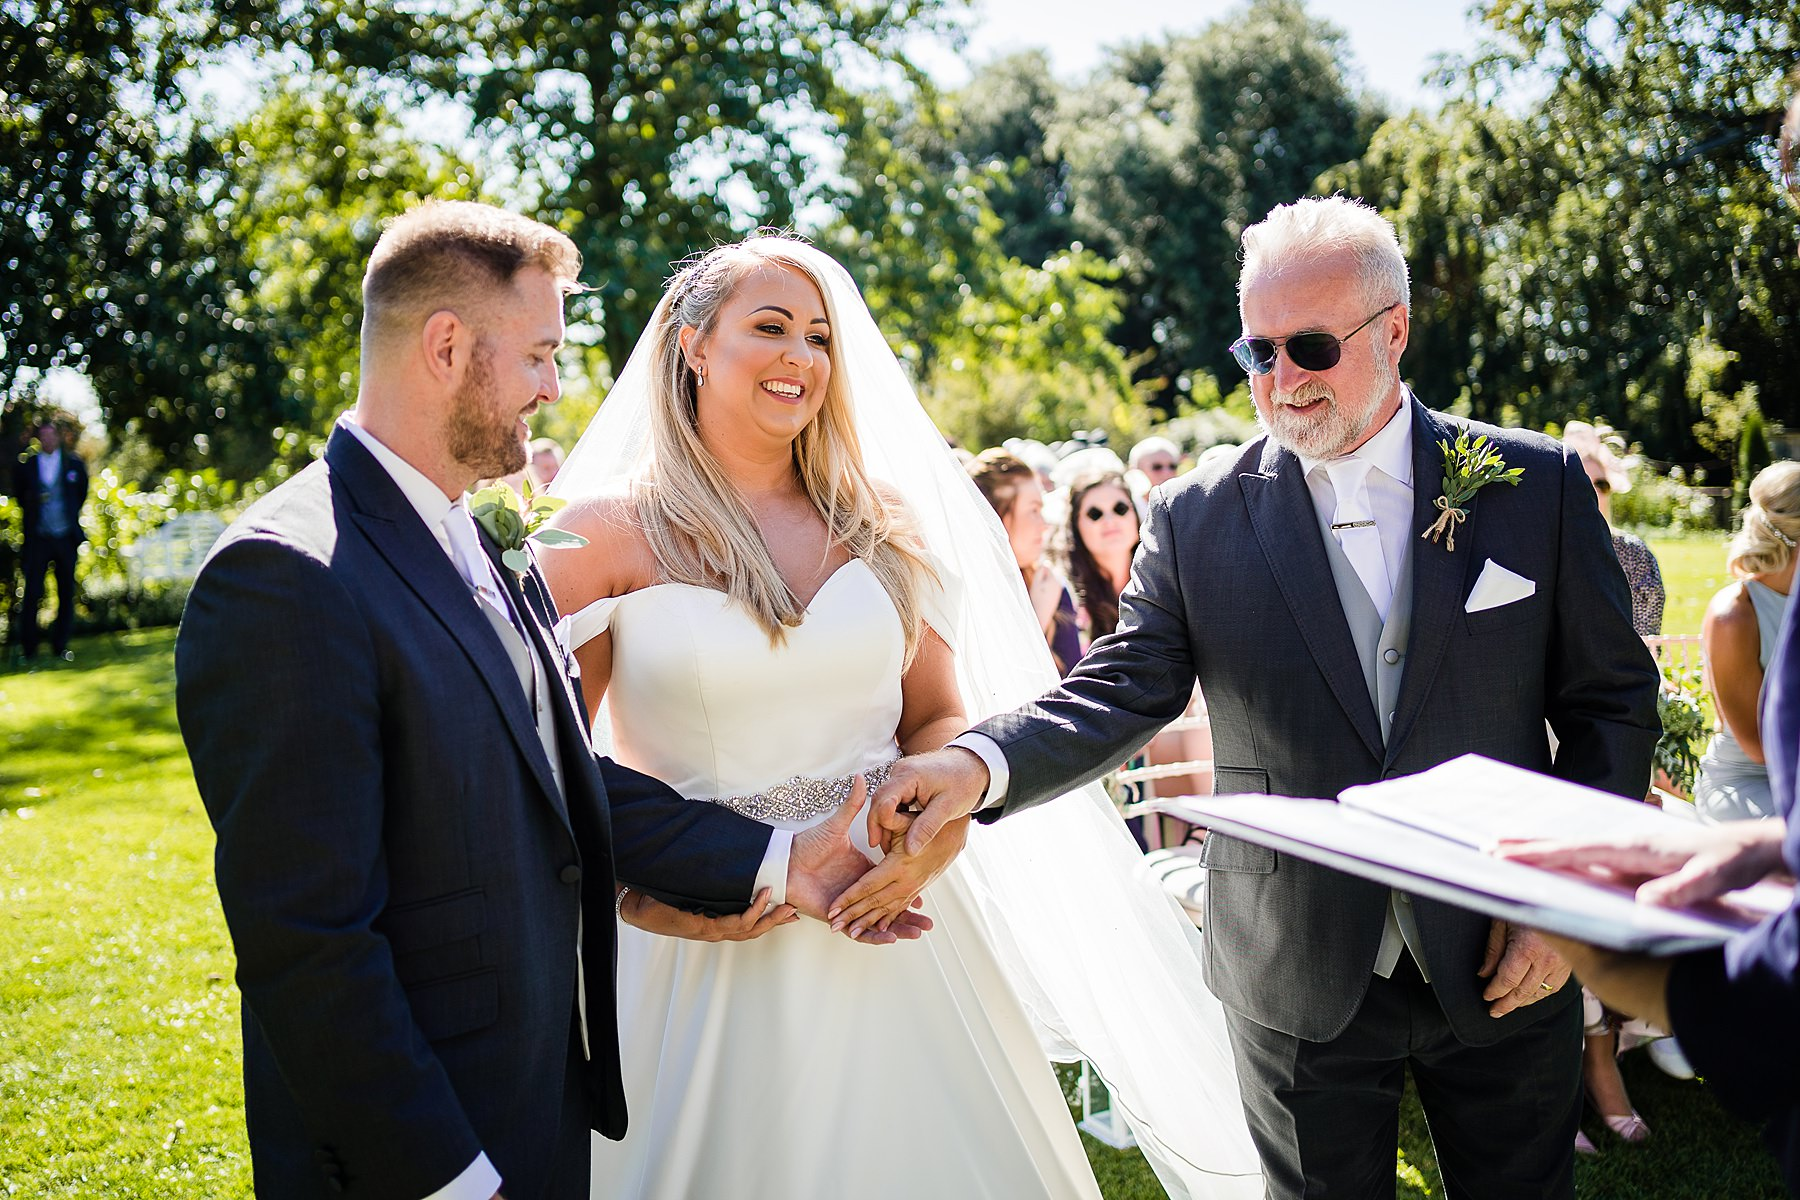 dad hands bride over to groom